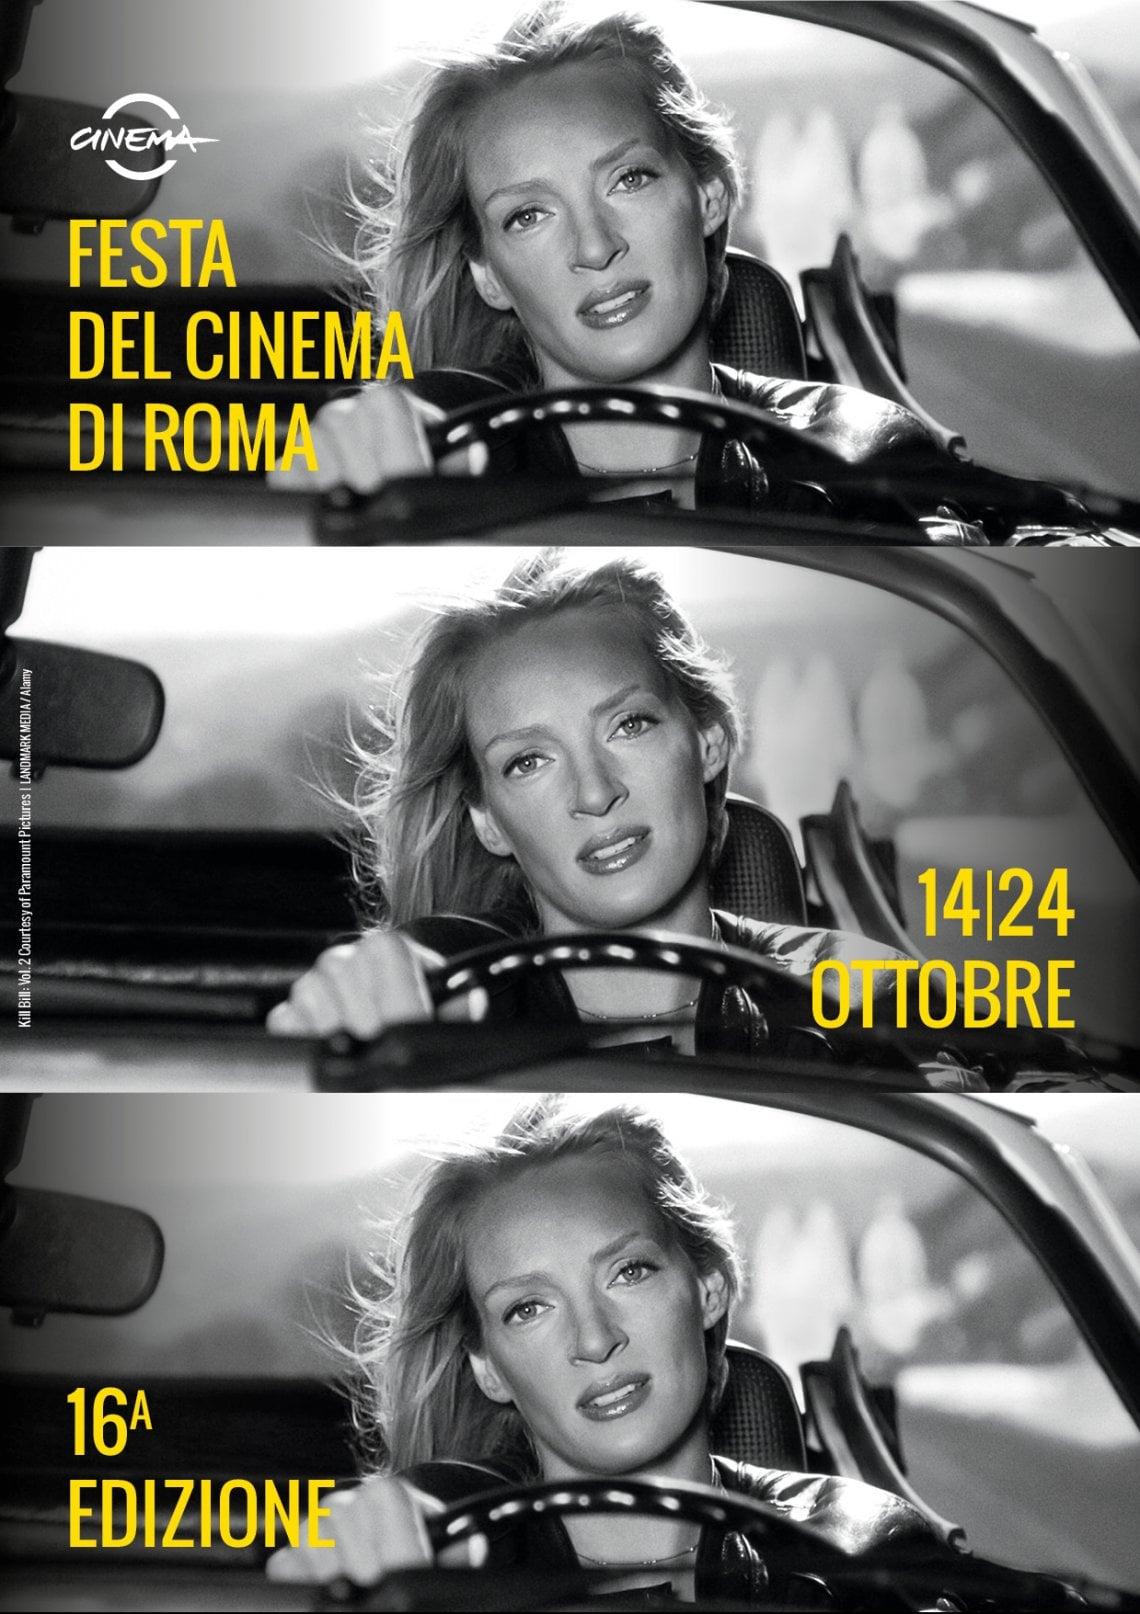 Festa del cinema di Roma 2021, il programma